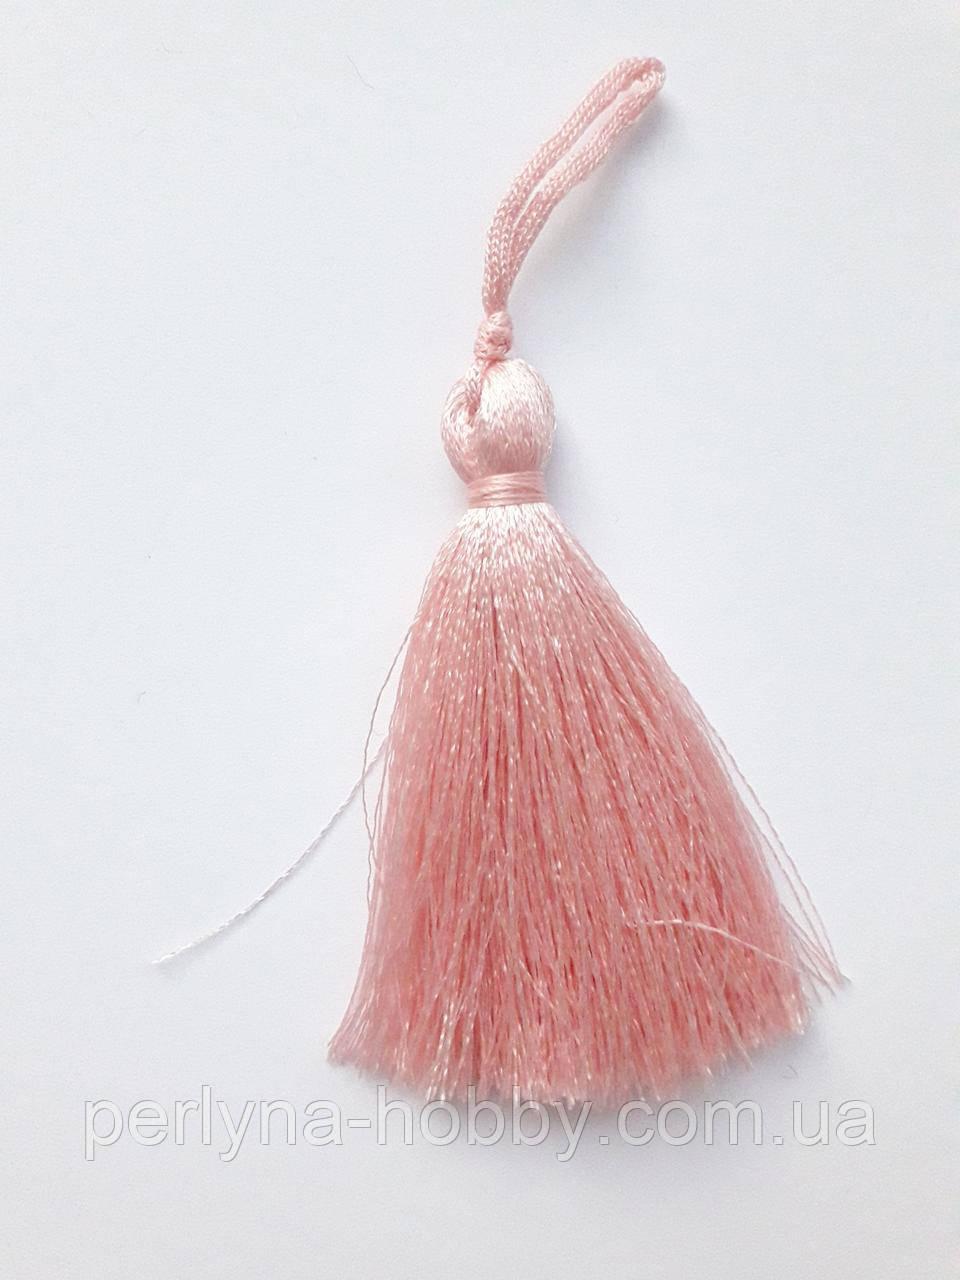 Китиця декоративна мала 7 см ніжно-рожевий, пудра, 1 шт.